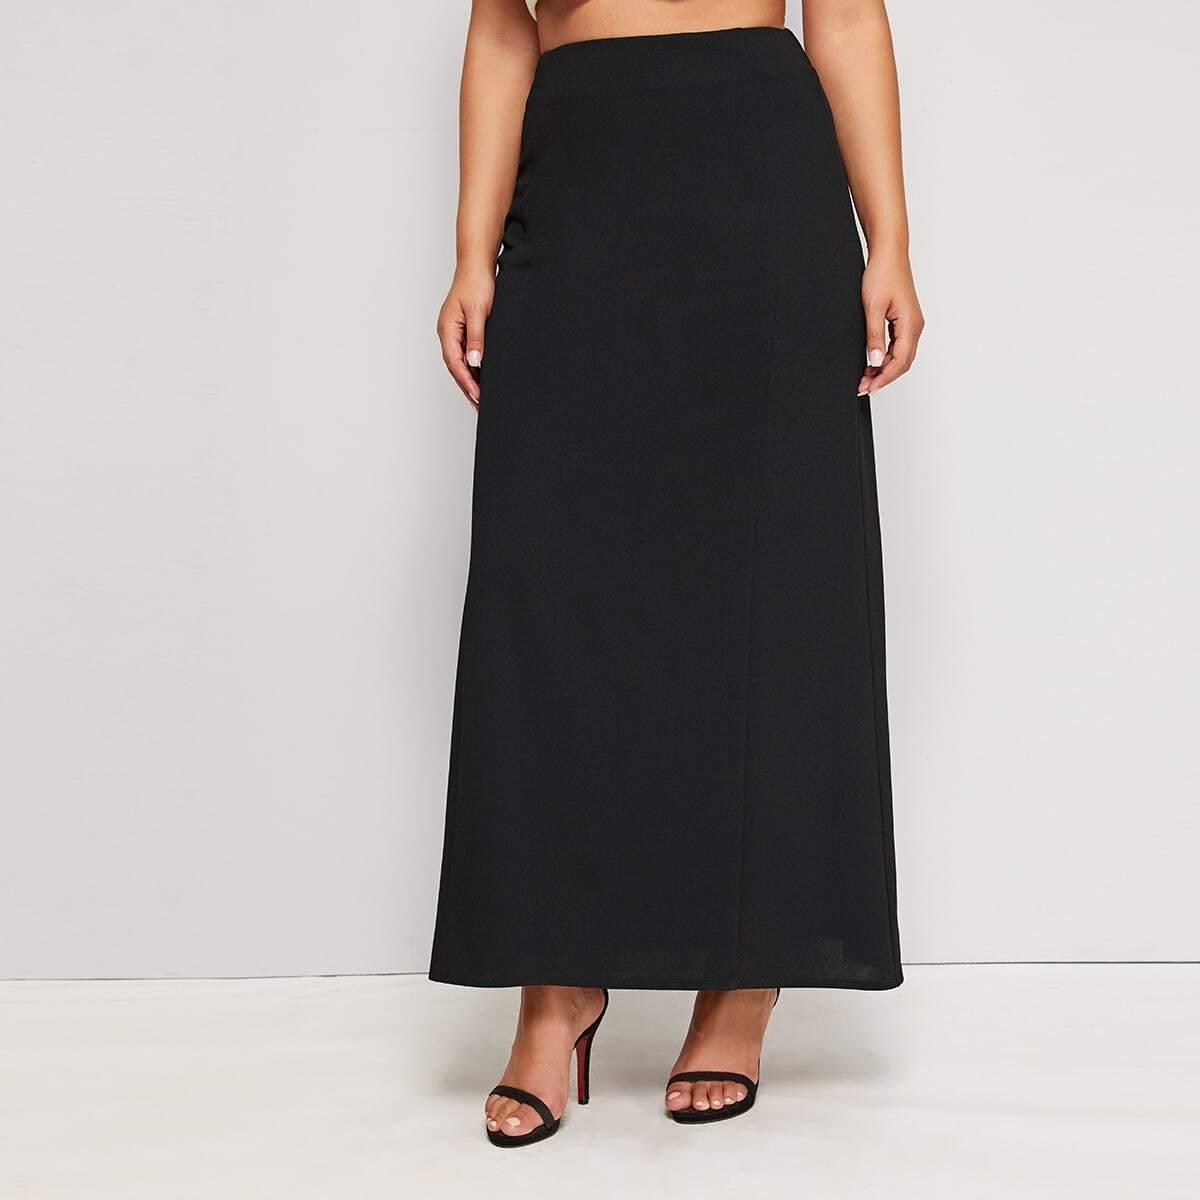 Однотонная макси юбка размера плюс с высокой талией